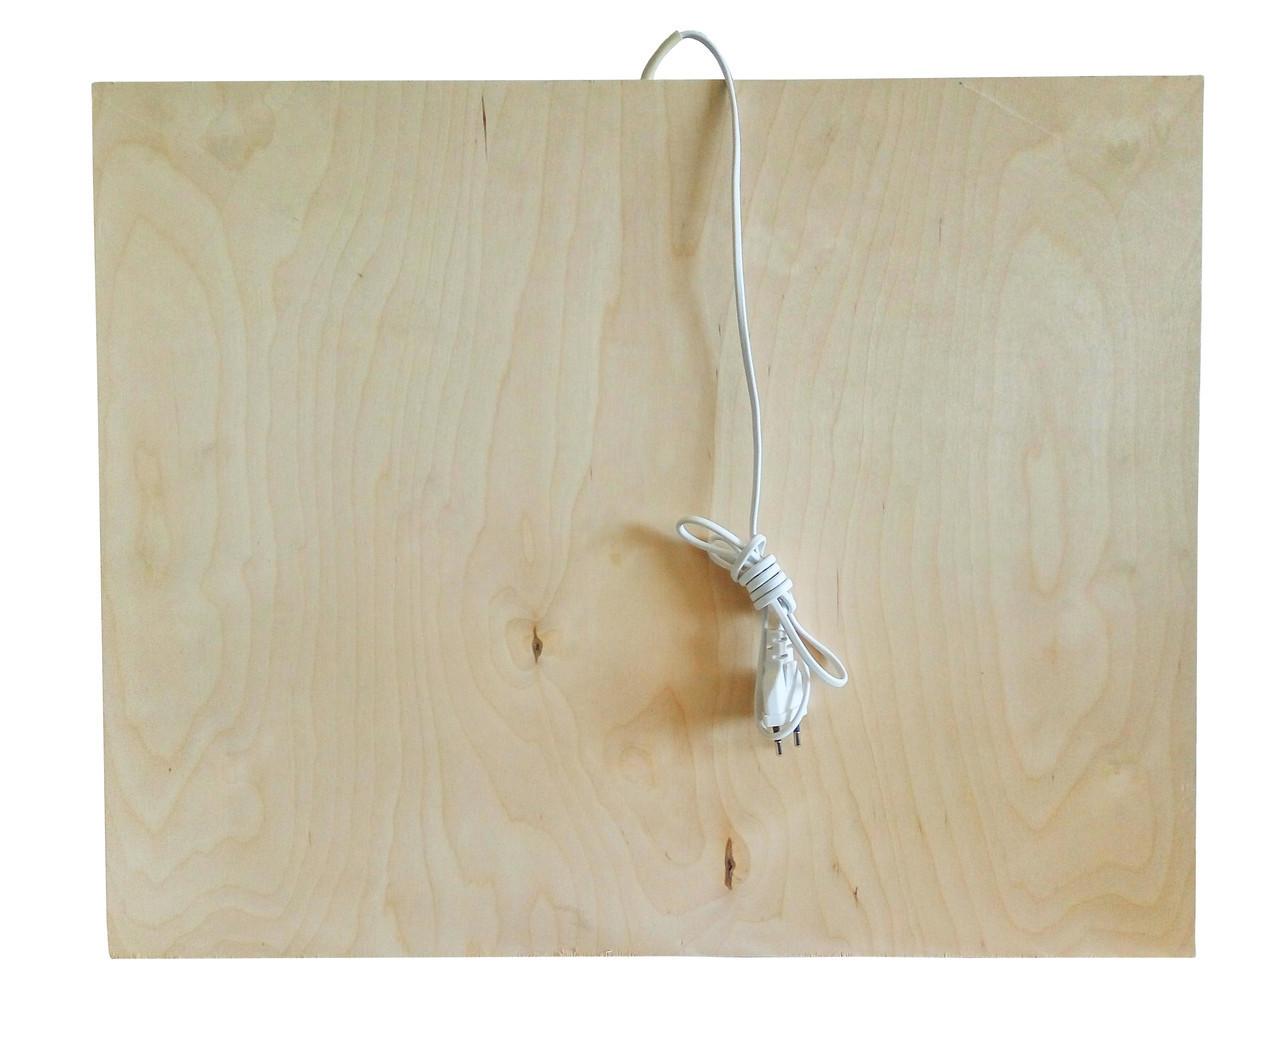 Панель обогреватель, подставка с подогревом,  160W, инфракрасный теплый пол Трио 01604